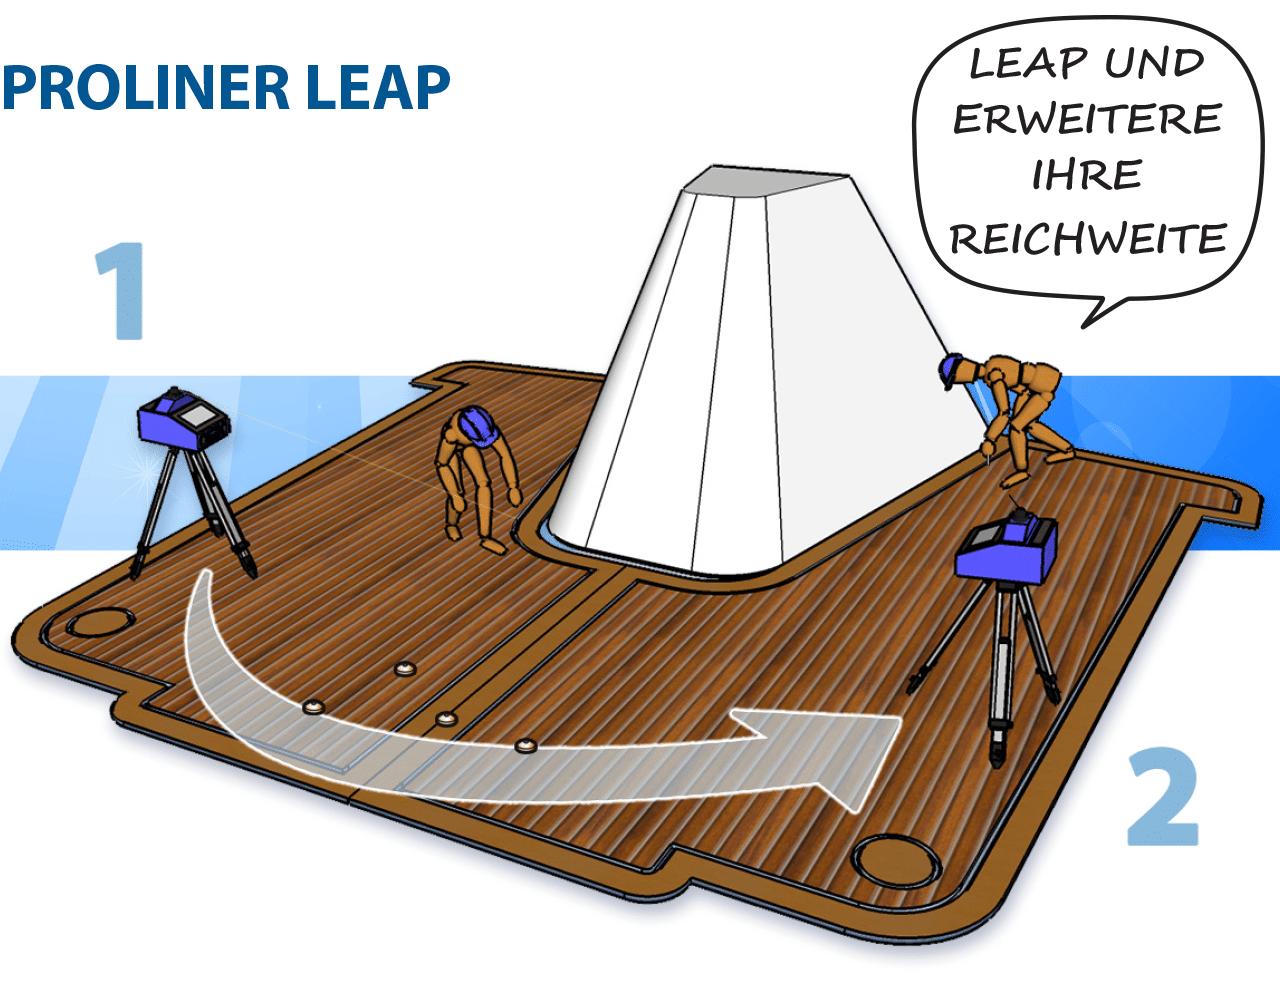 Prodim Proliner Leap - Erweitere Ihre Reichweite